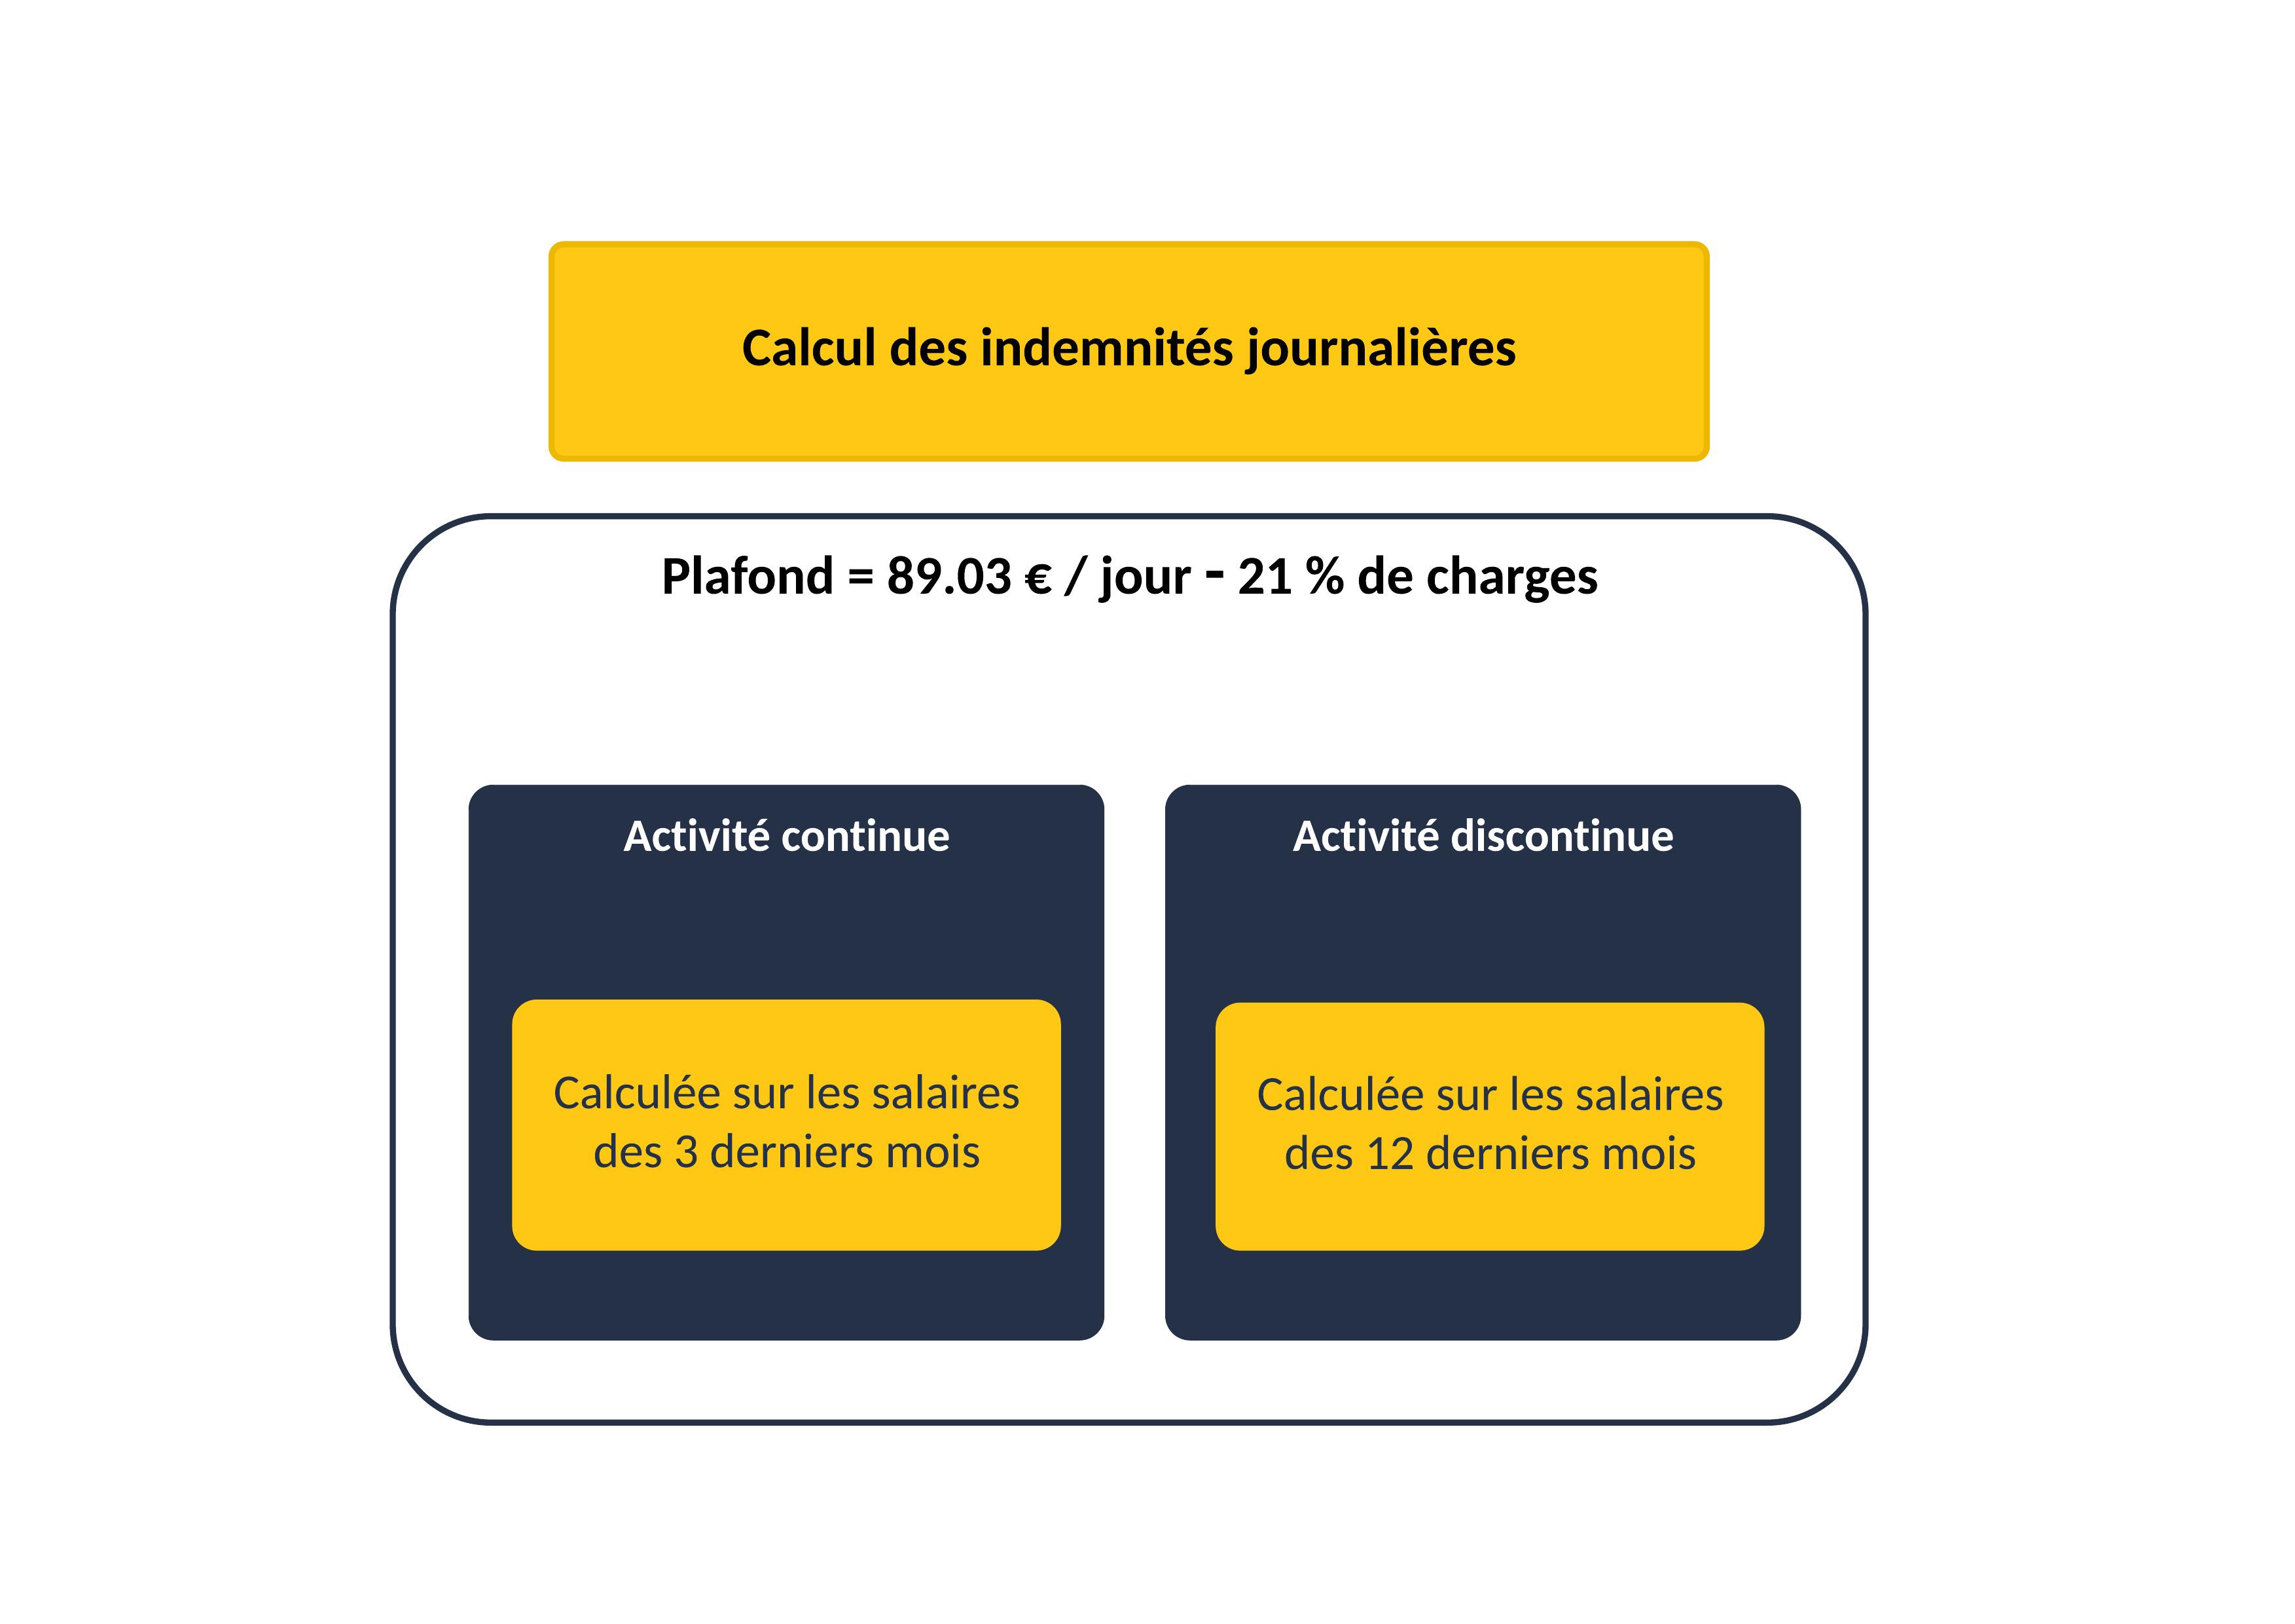 Calcul des indemnités journalières